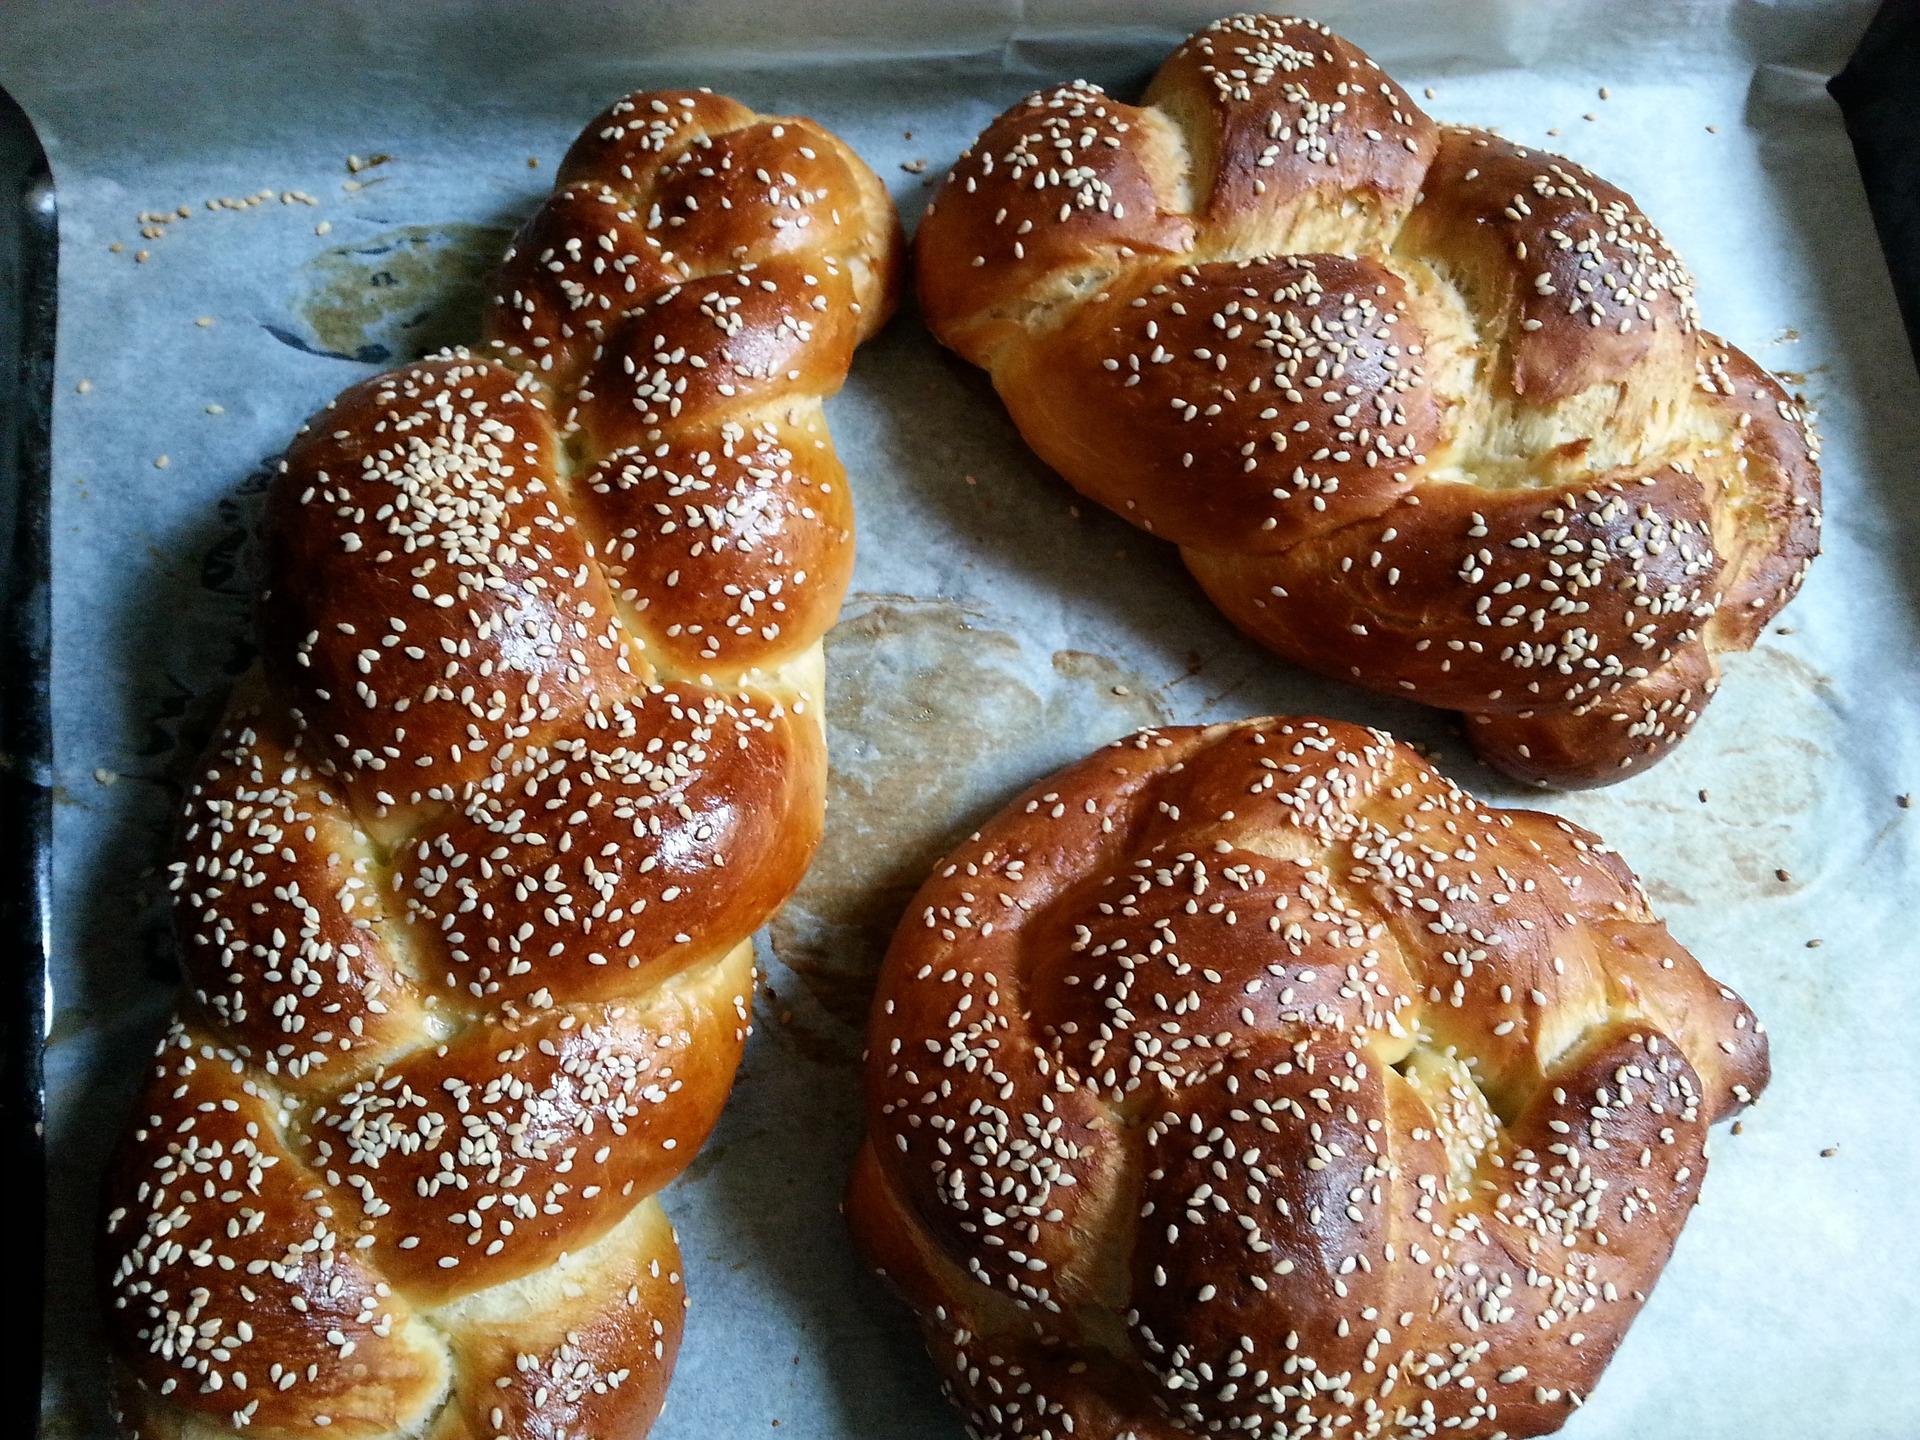 Bread 732276 1920